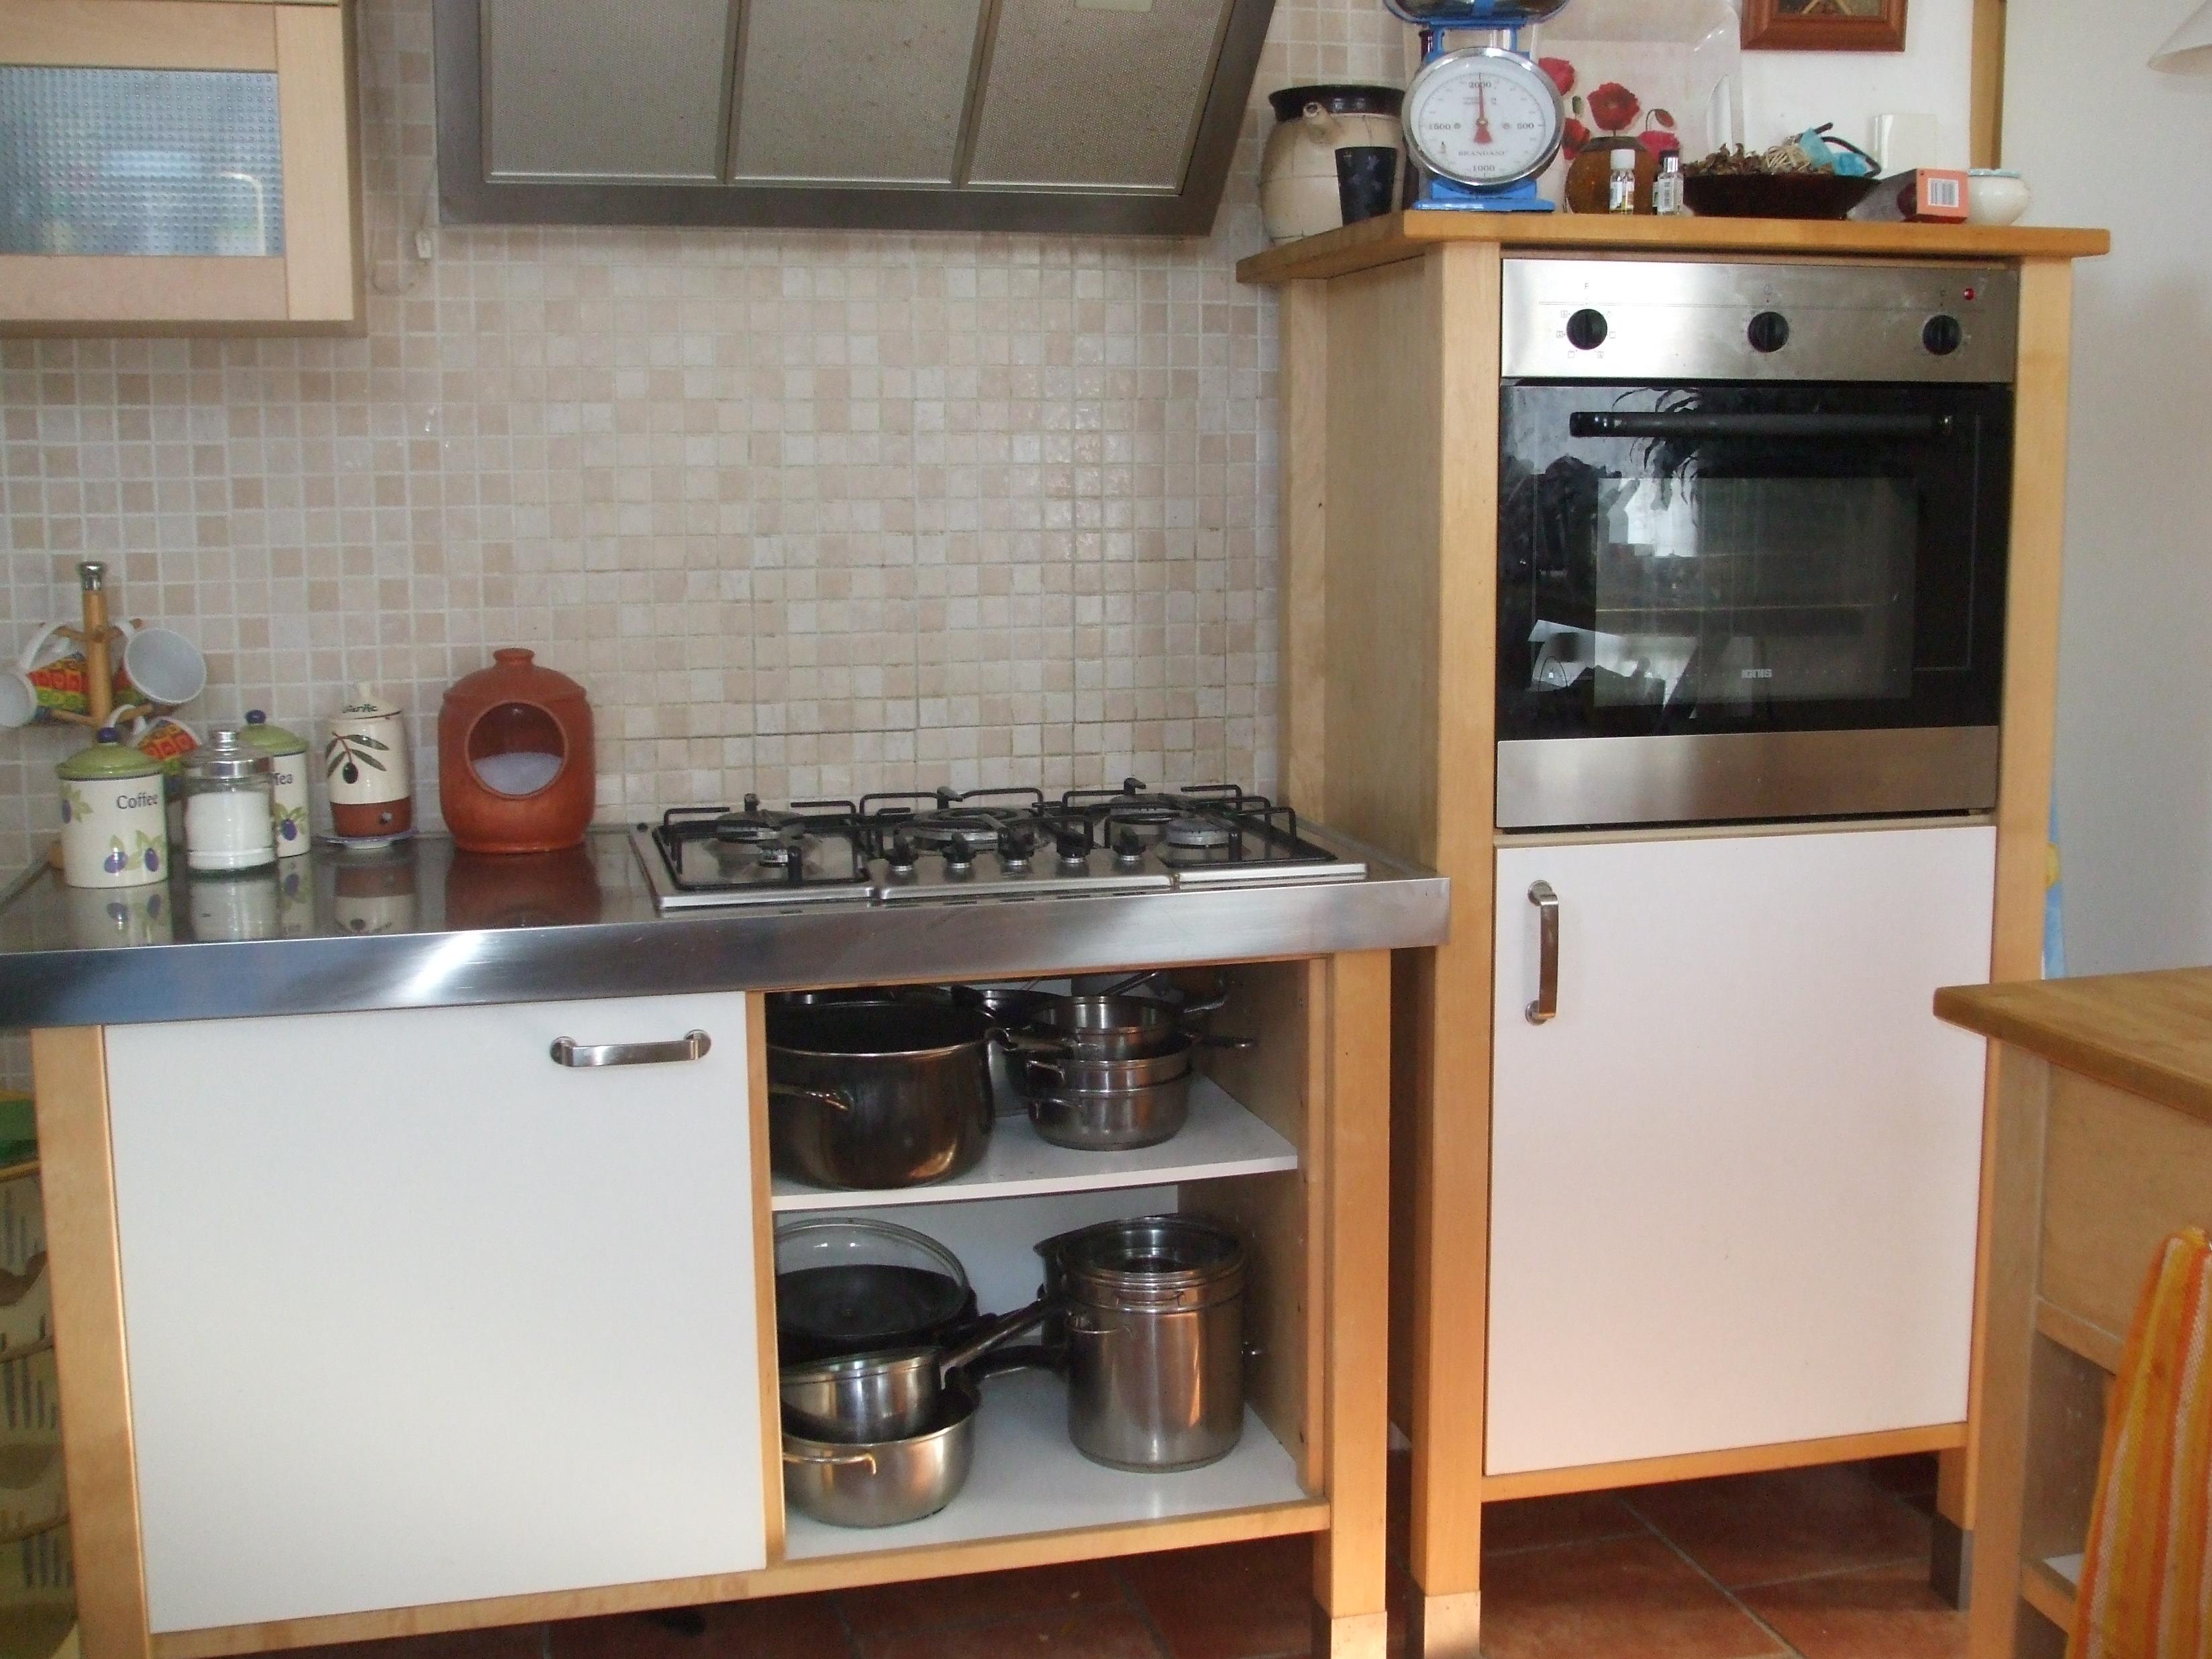 Cucina ikea compresa di forno a colonna fornelli cappa lavastoviglie lavandino doppio - Ikea cucine componibili ...